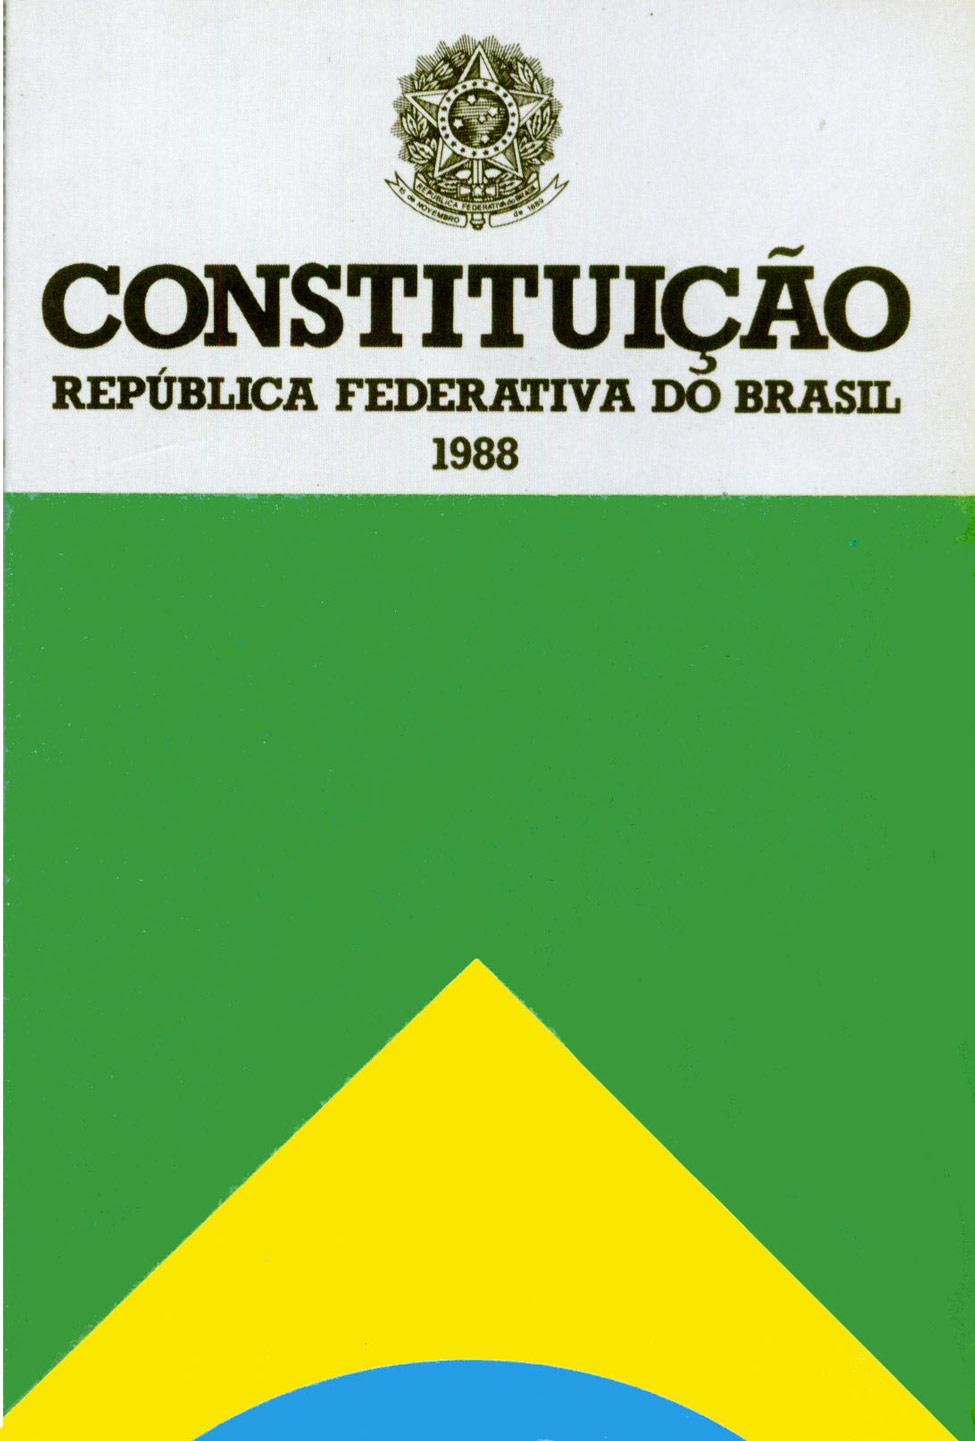 http://www.ebc.com.br/sites/_portalebc2014/files/atoms_image/dire49o_0.jpg